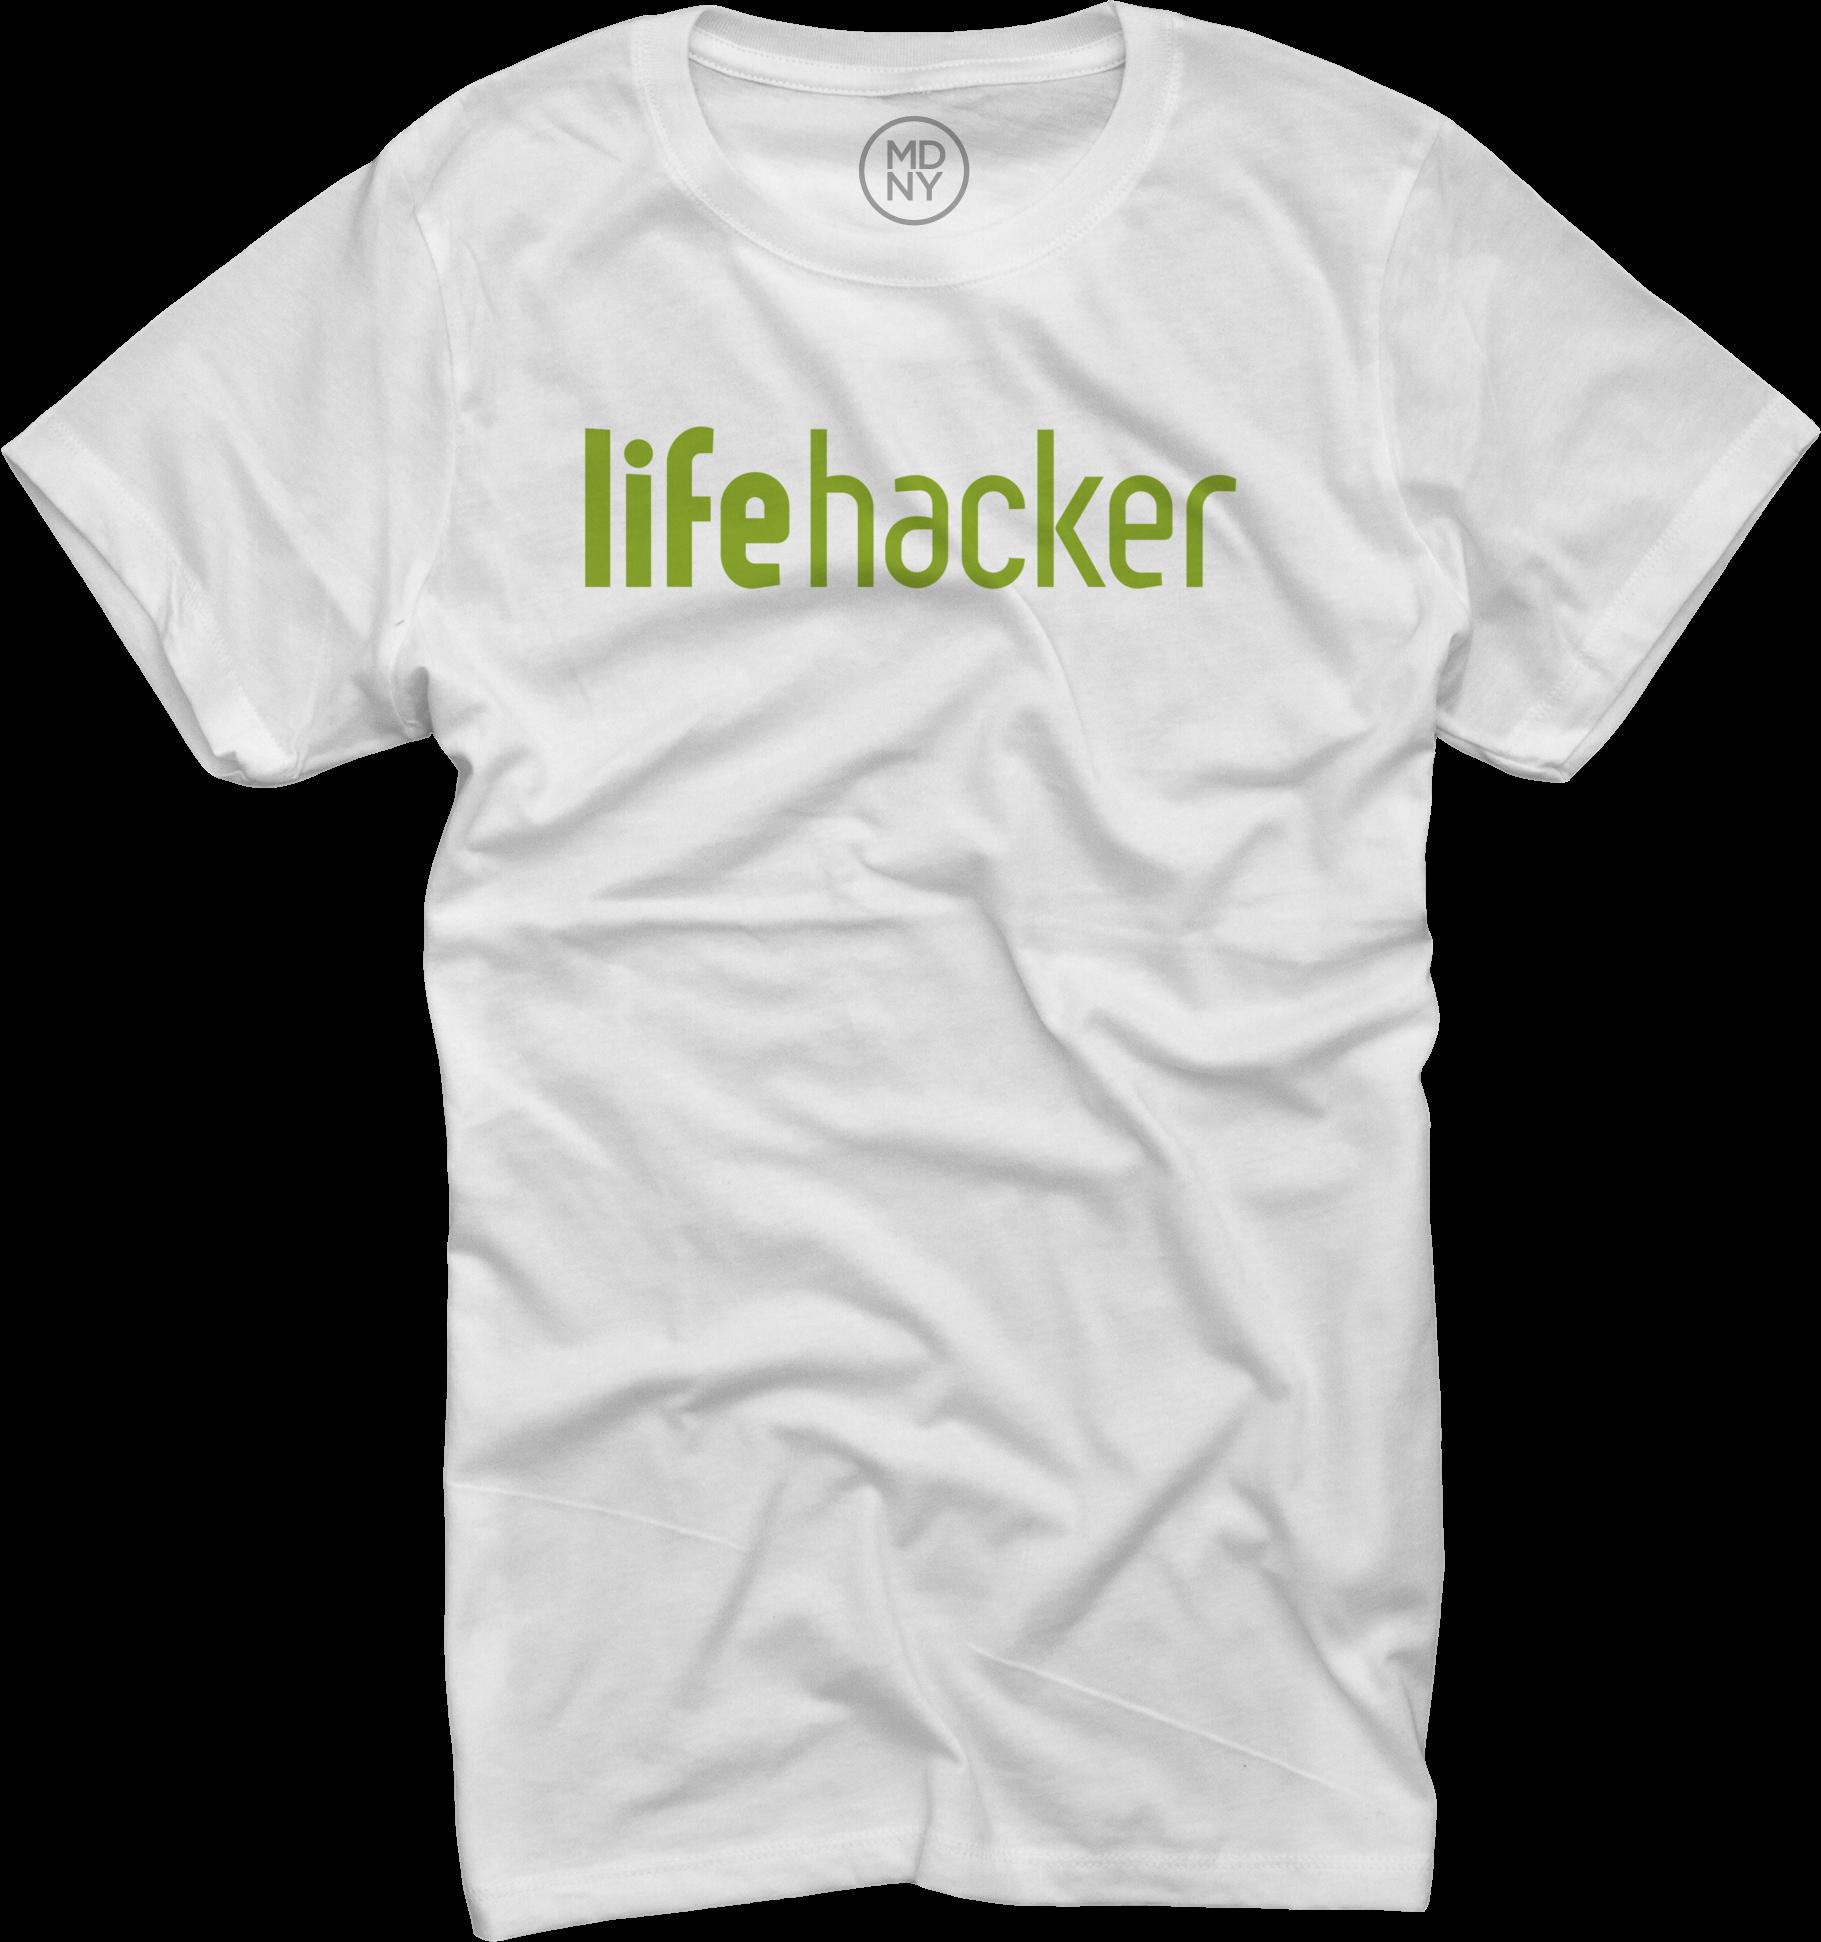 Lifehacker Women's White T-Shirt